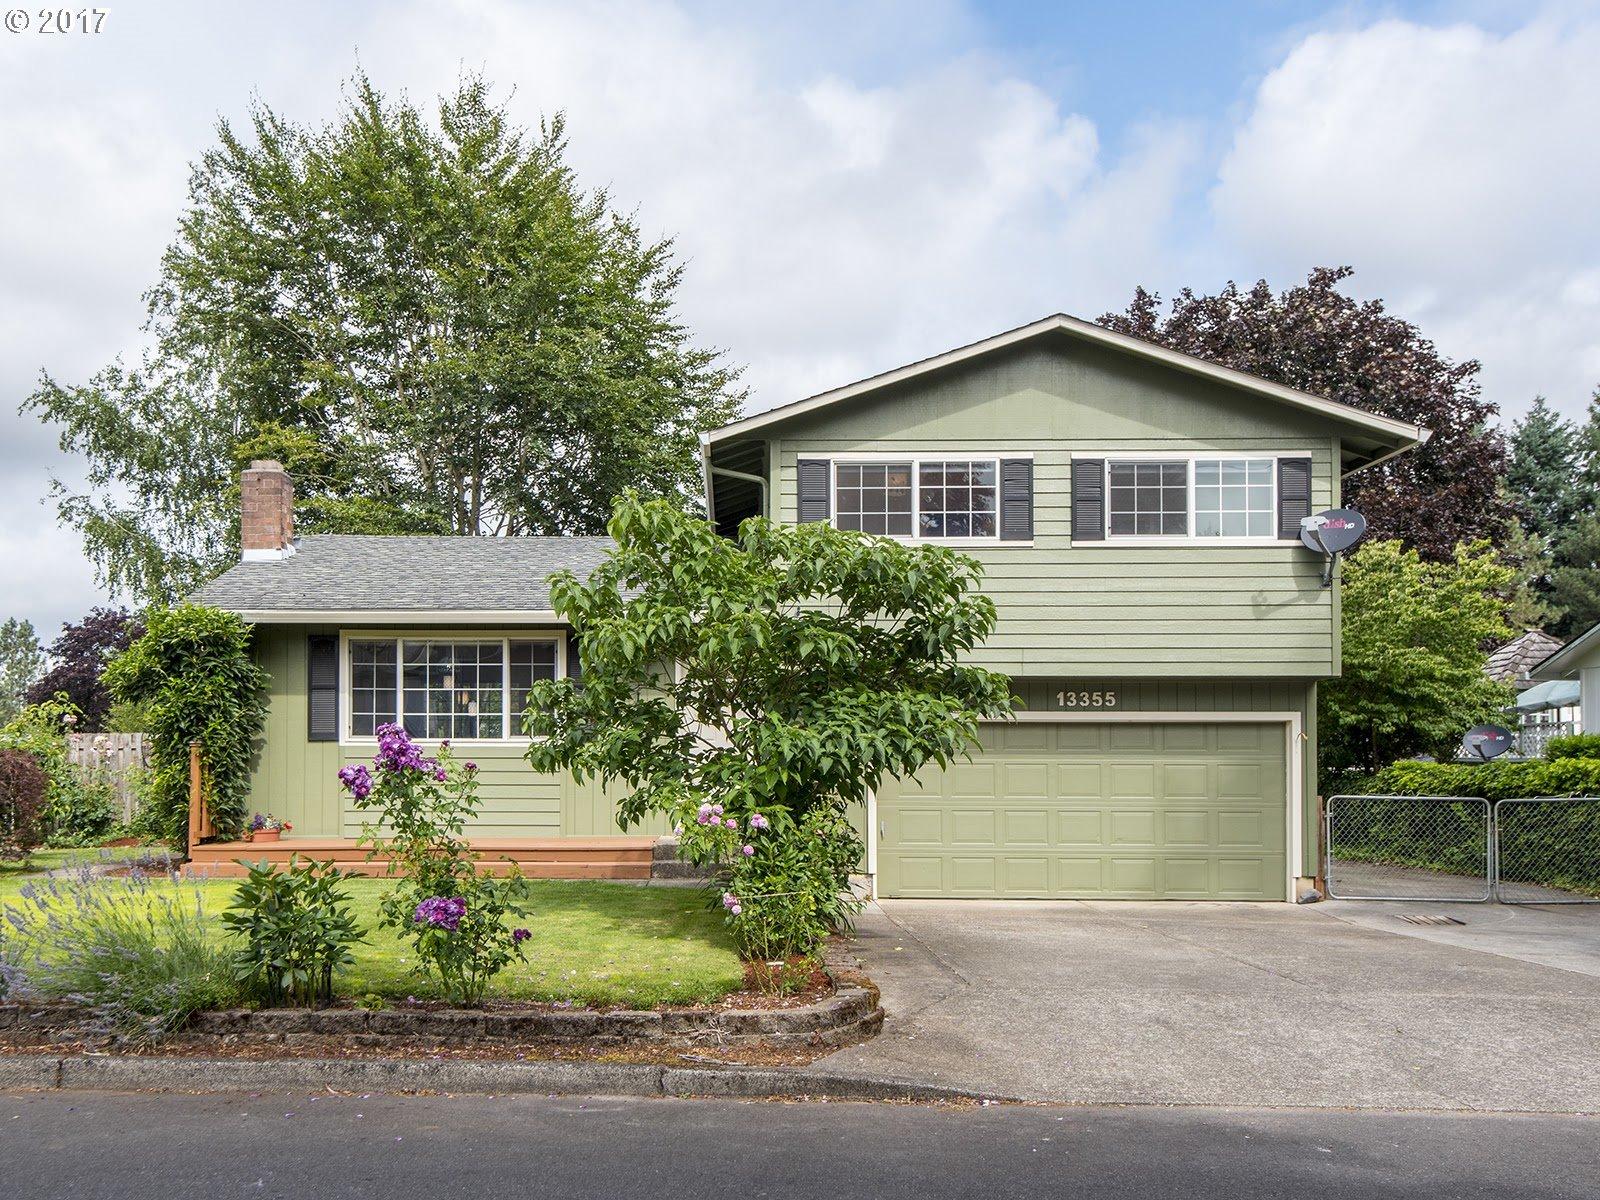 13355 EASTBORNE DR, Oregon City, OR 97045